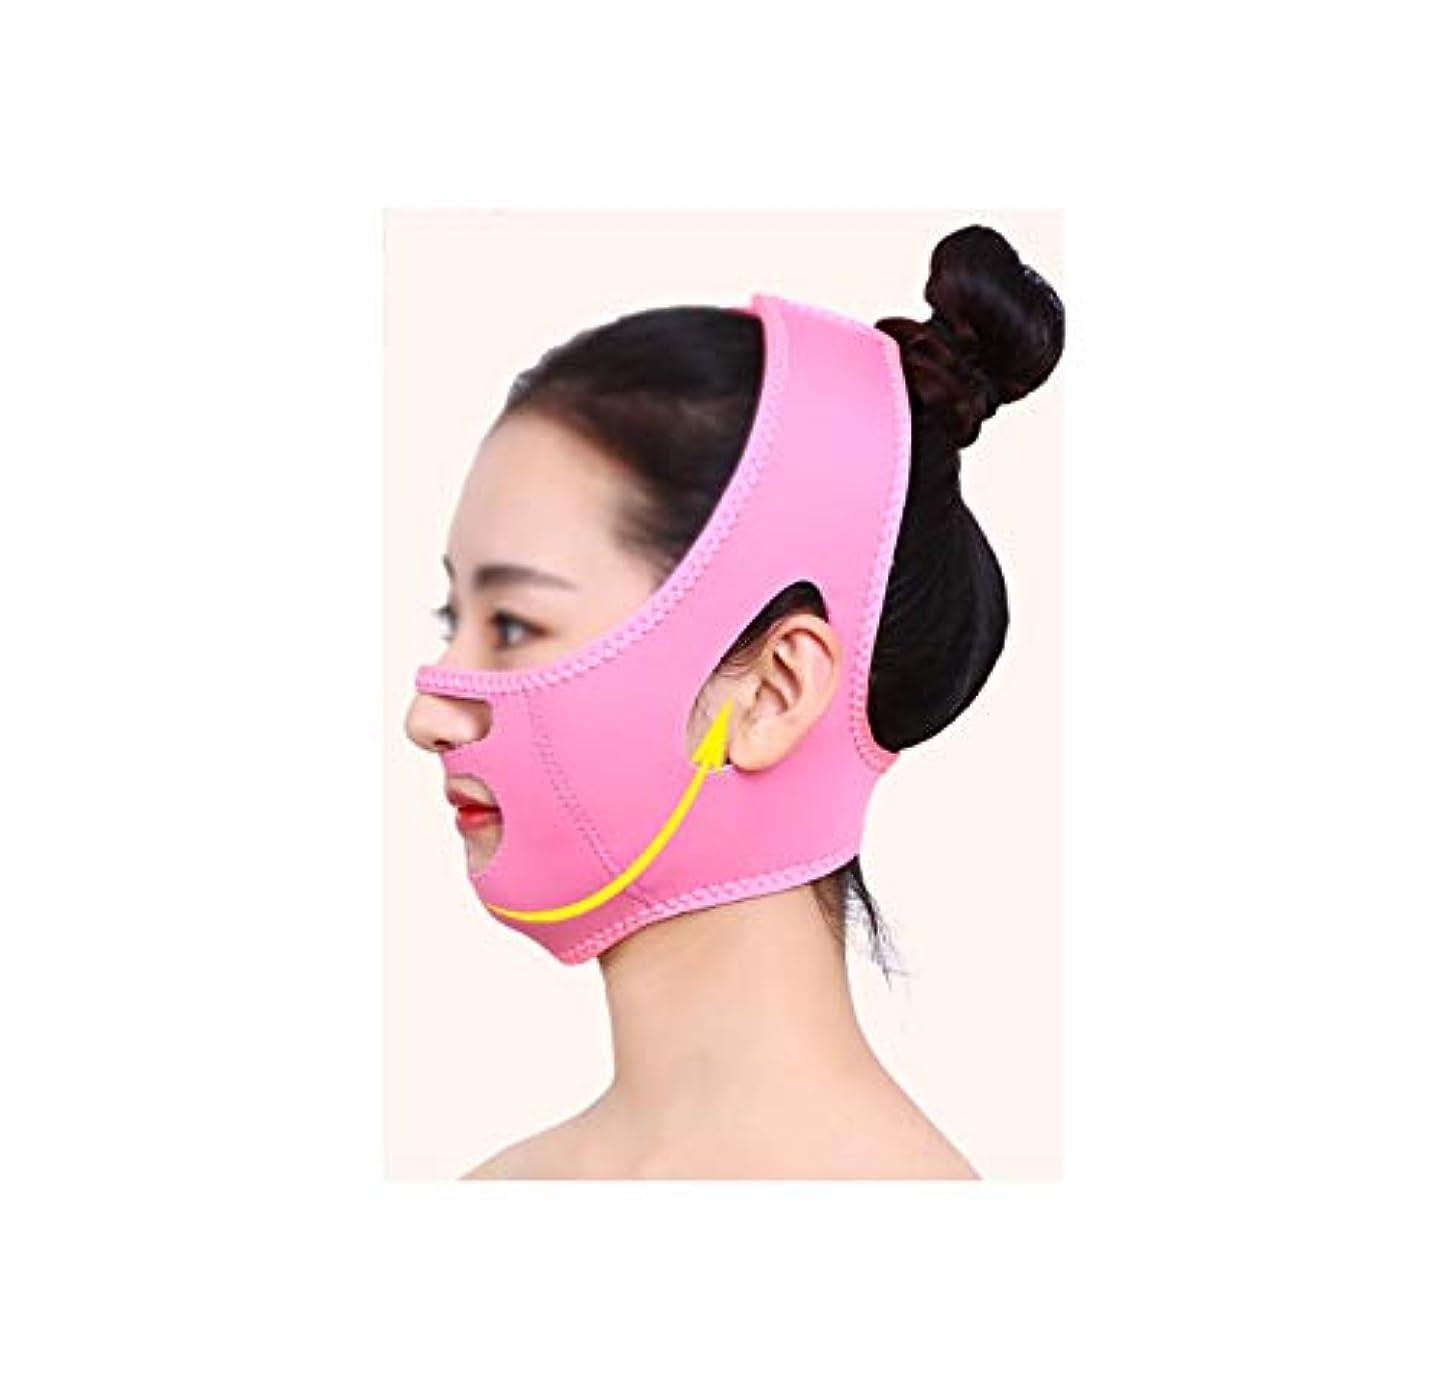 キャンバスおかしい軽TLMY 薄い顔マスクマスク顔機美容機器ローラー顔薄い顔Vフェイスマスク二重あご包帯アーティファクト 顔用整形マスク